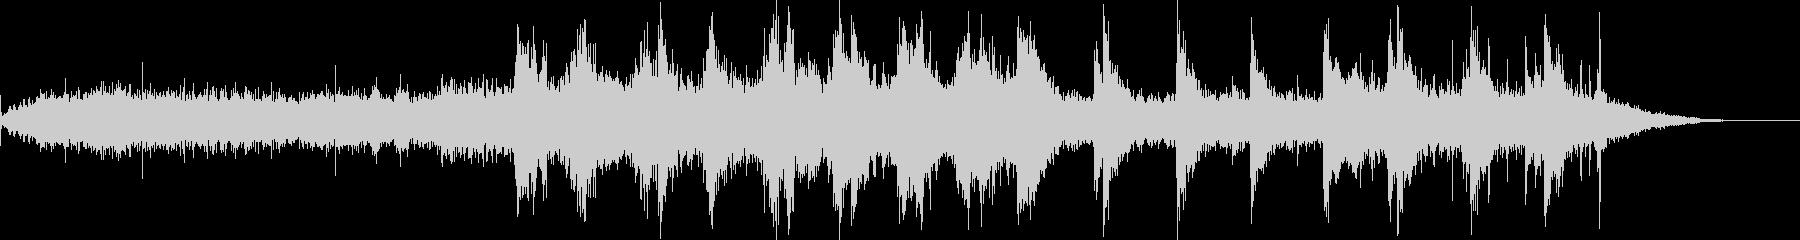 約1分音楽ーエスニックアンビエントの未再生の波形